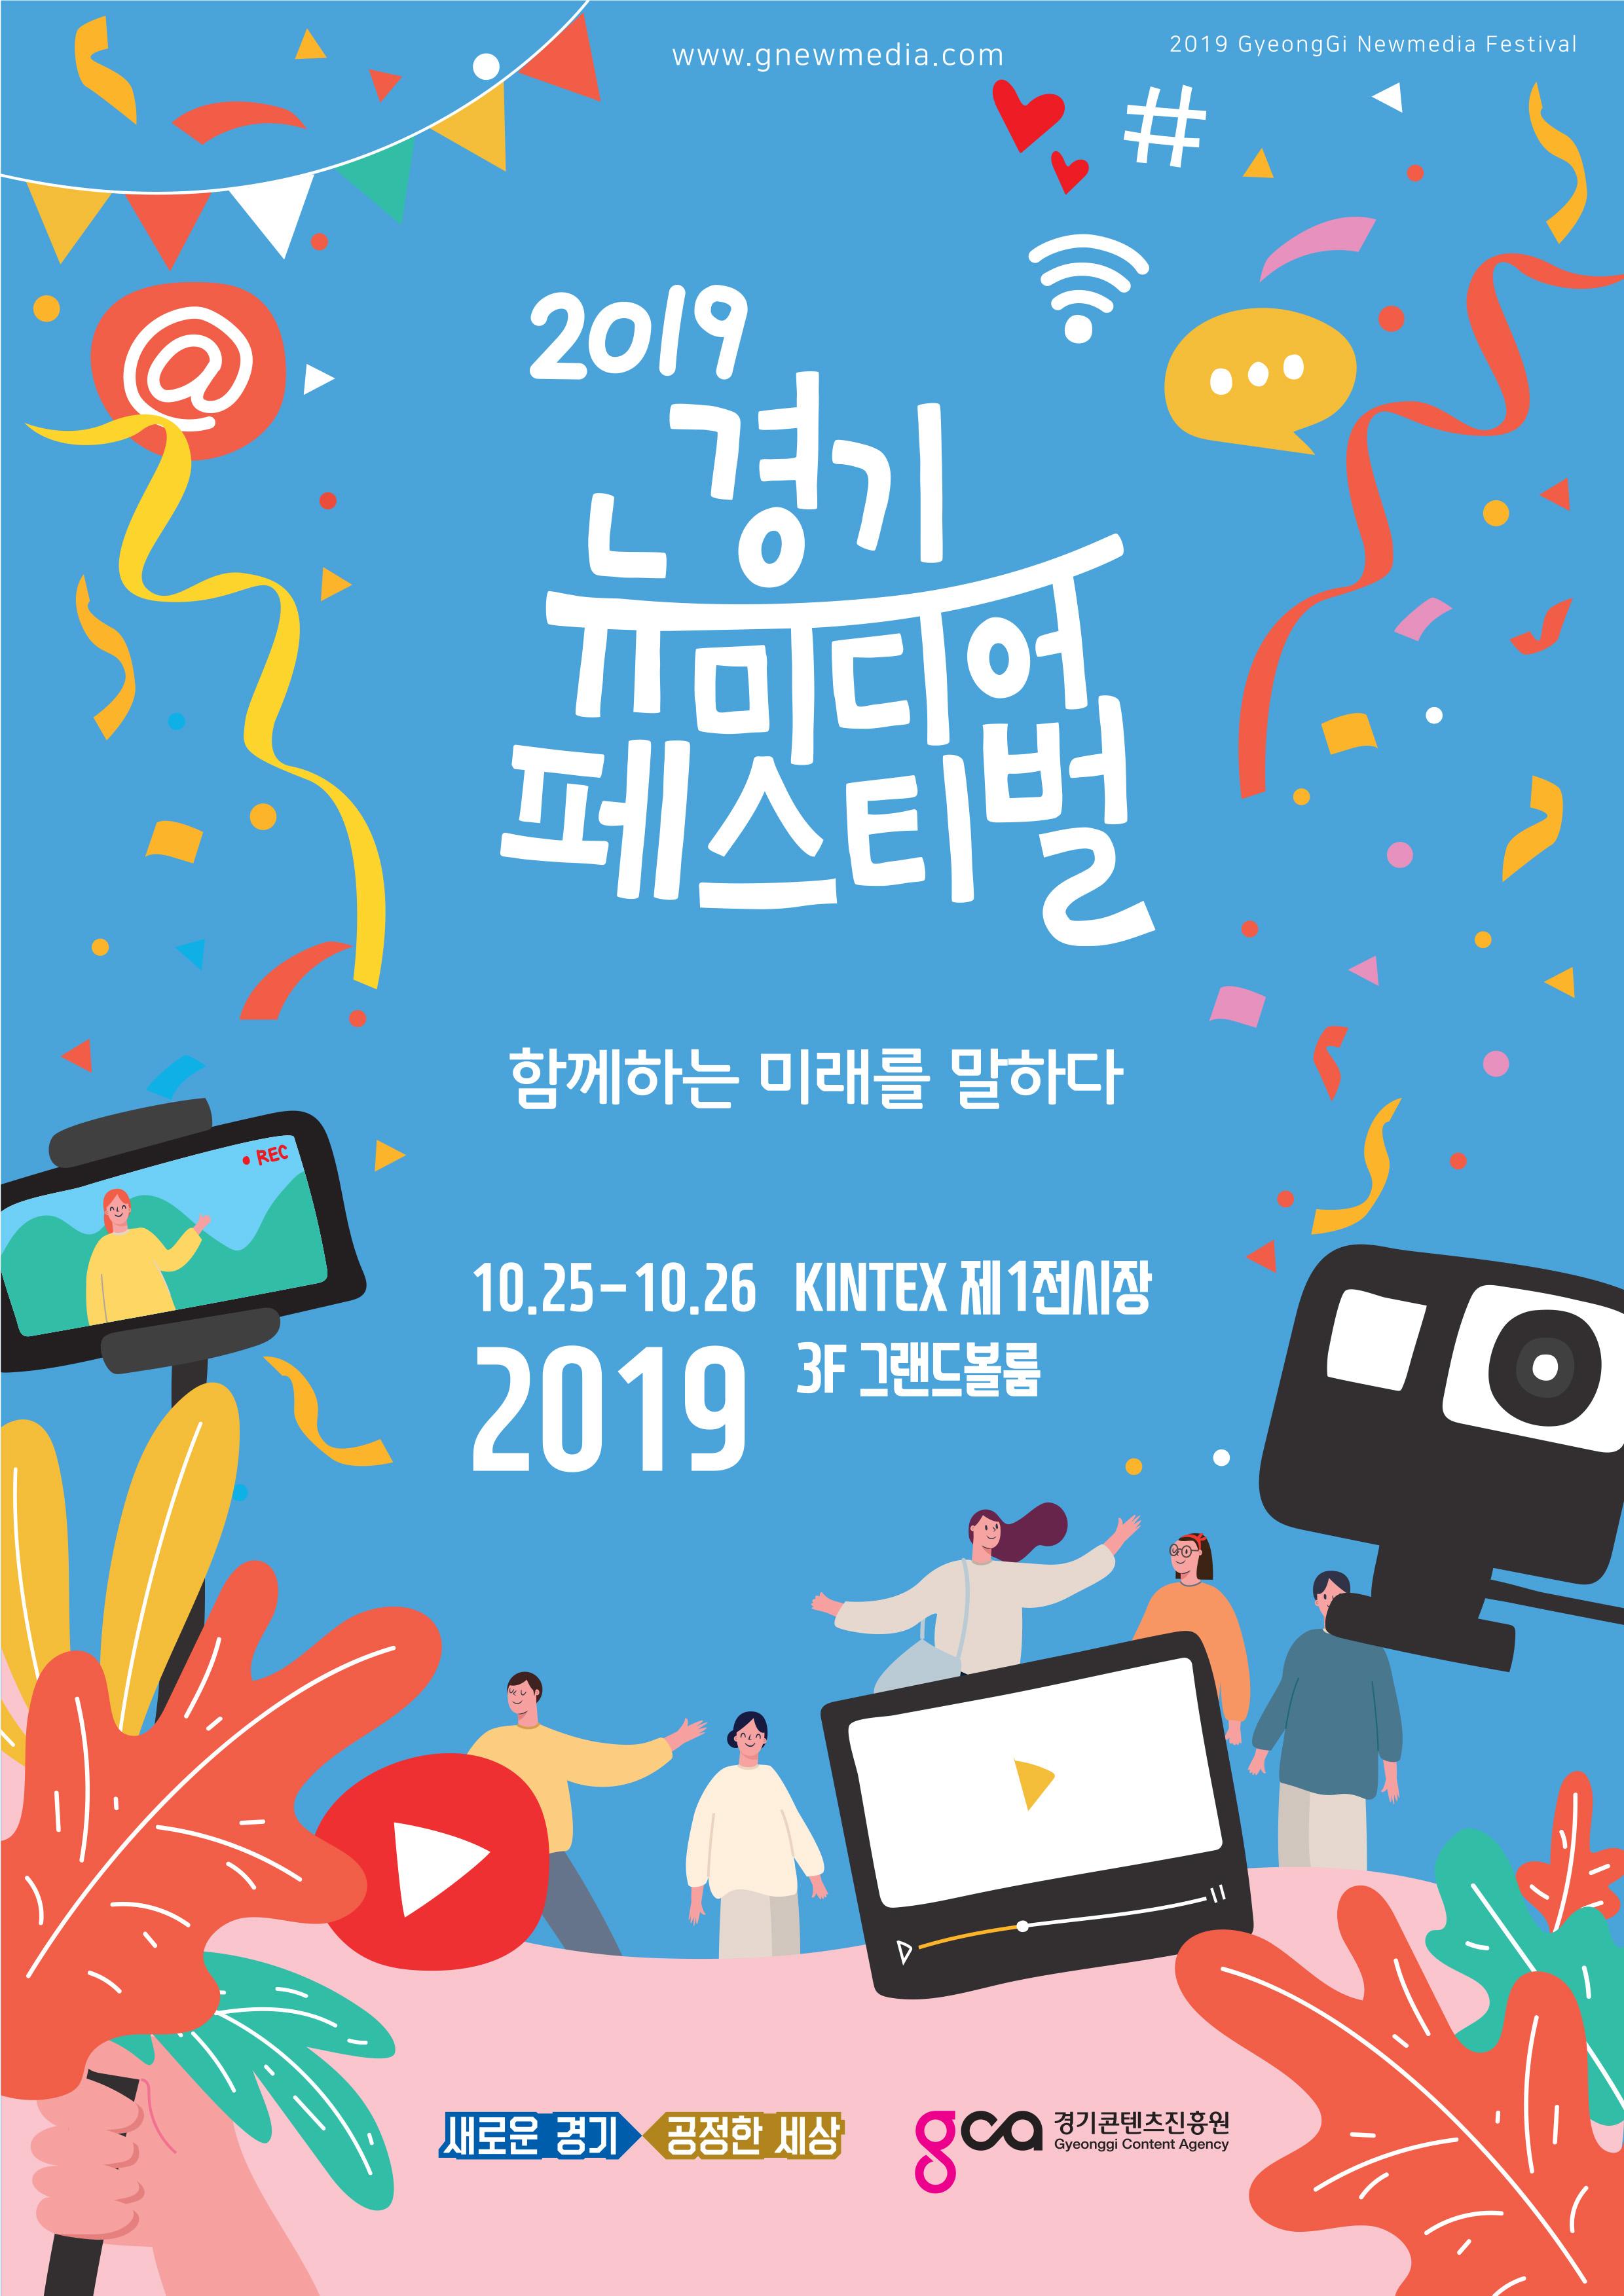 [경기콘텐츠진흥원] 경기 뉴미디어 페스티벌